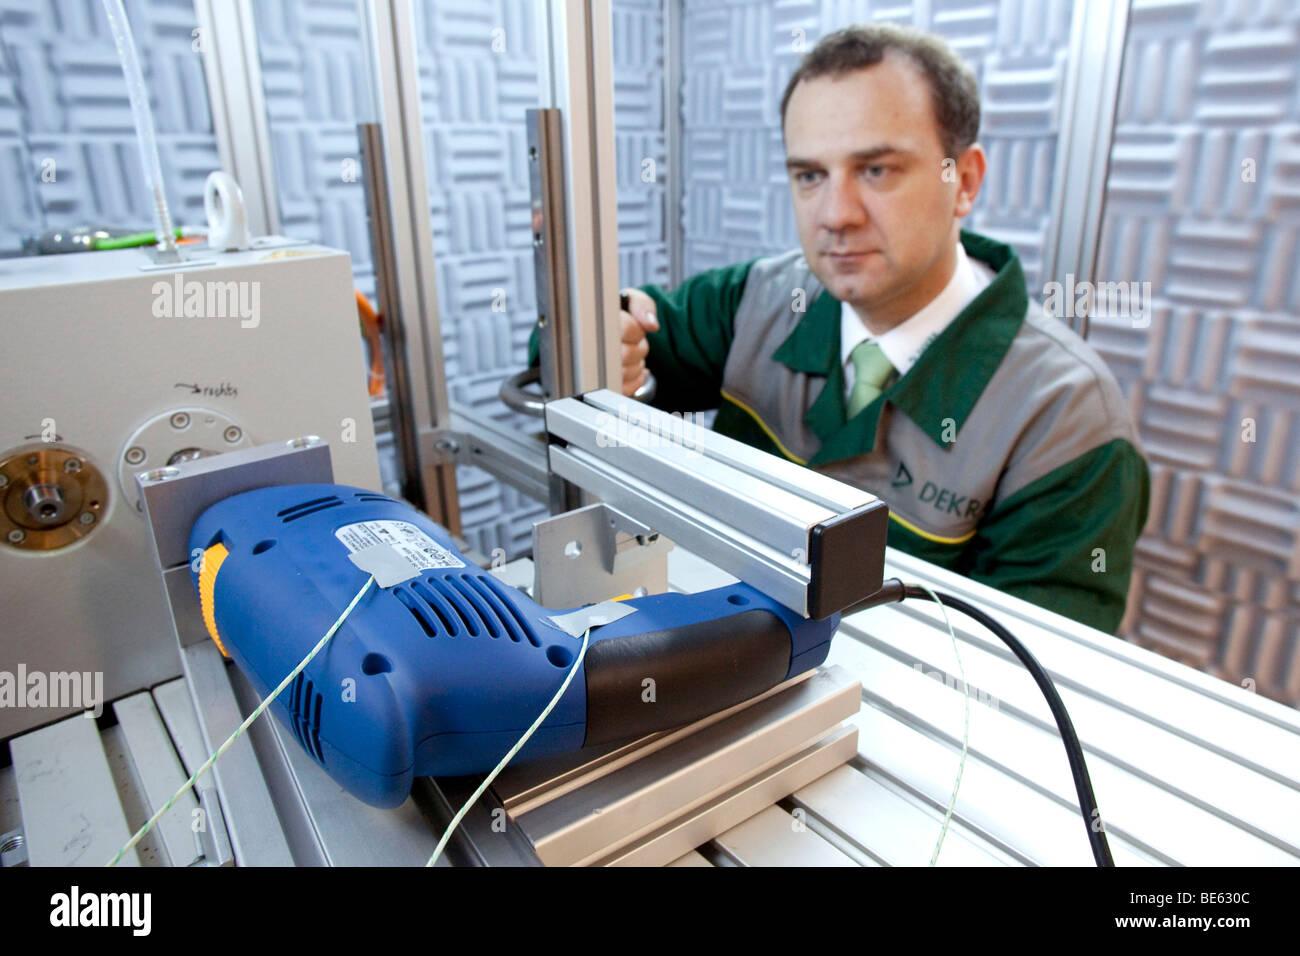 Ensayo de una máquina de perforación para la marca de certificación GS, pruebas de seguridad, en Imagen De Stock